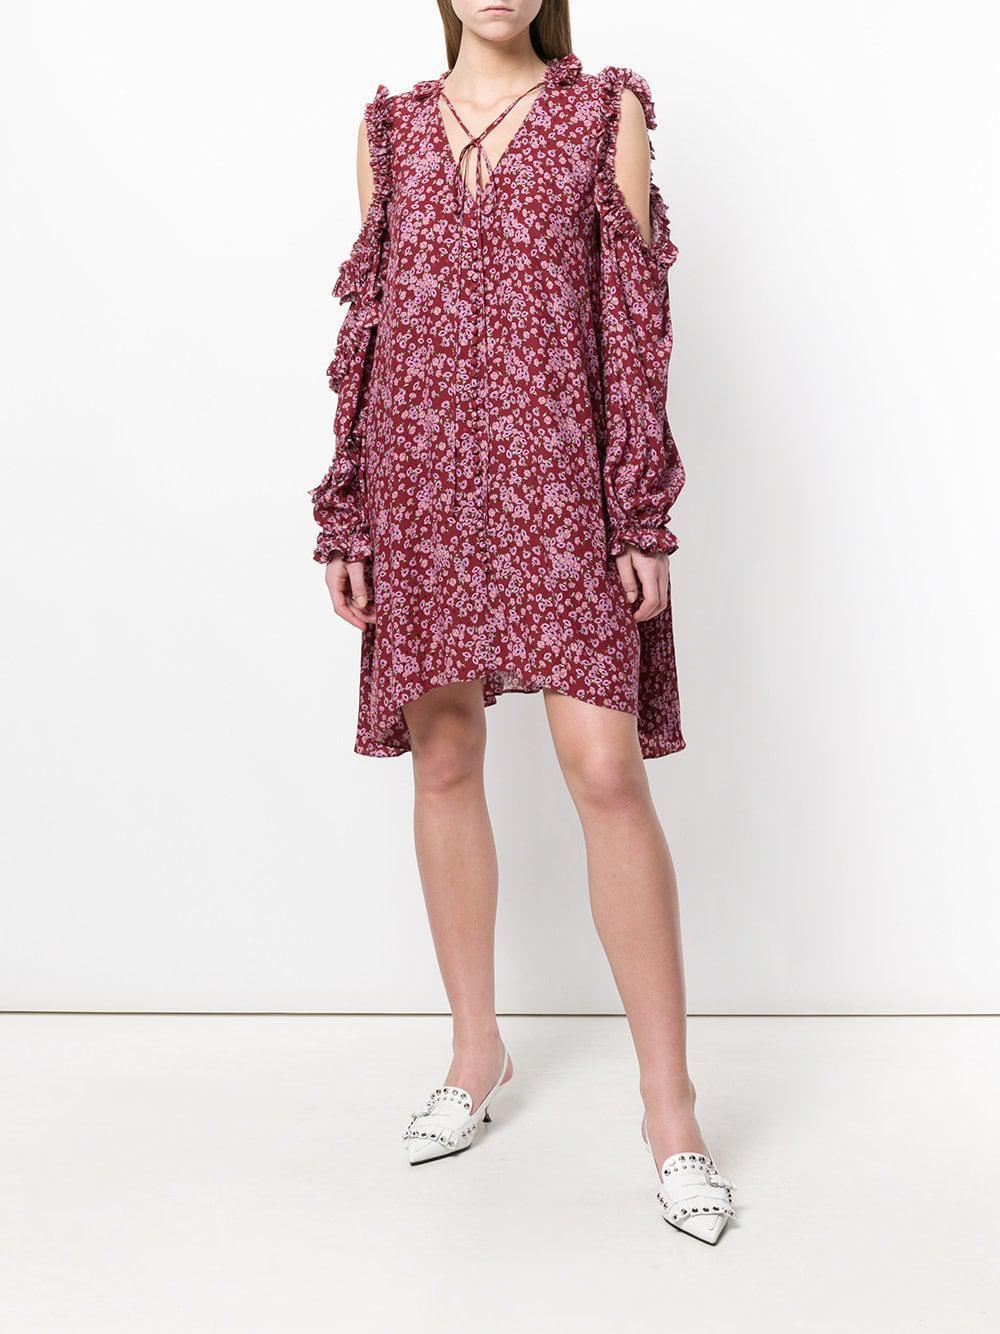 d9af992bd2d0 Lyst - Magda Butrym Floral Cold-shoulder Dress in Pink - Save 41%